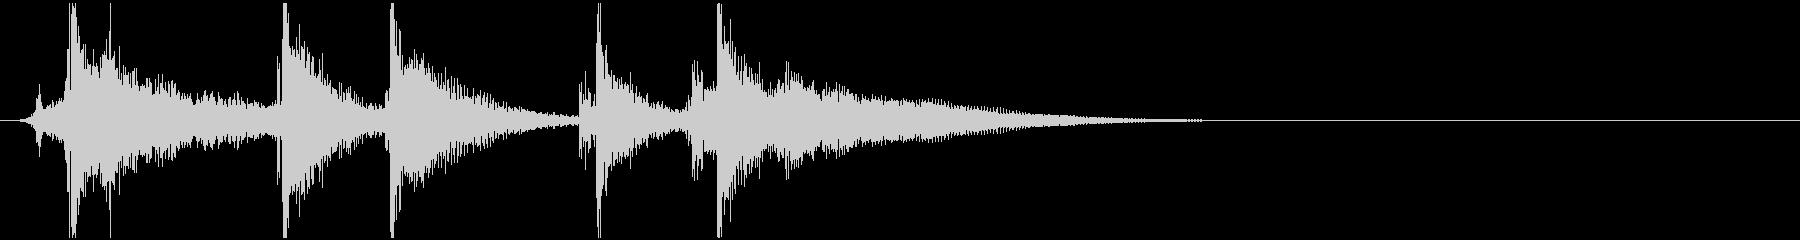 三味線と和太鼓と掛け声のジングルの未再生の波形